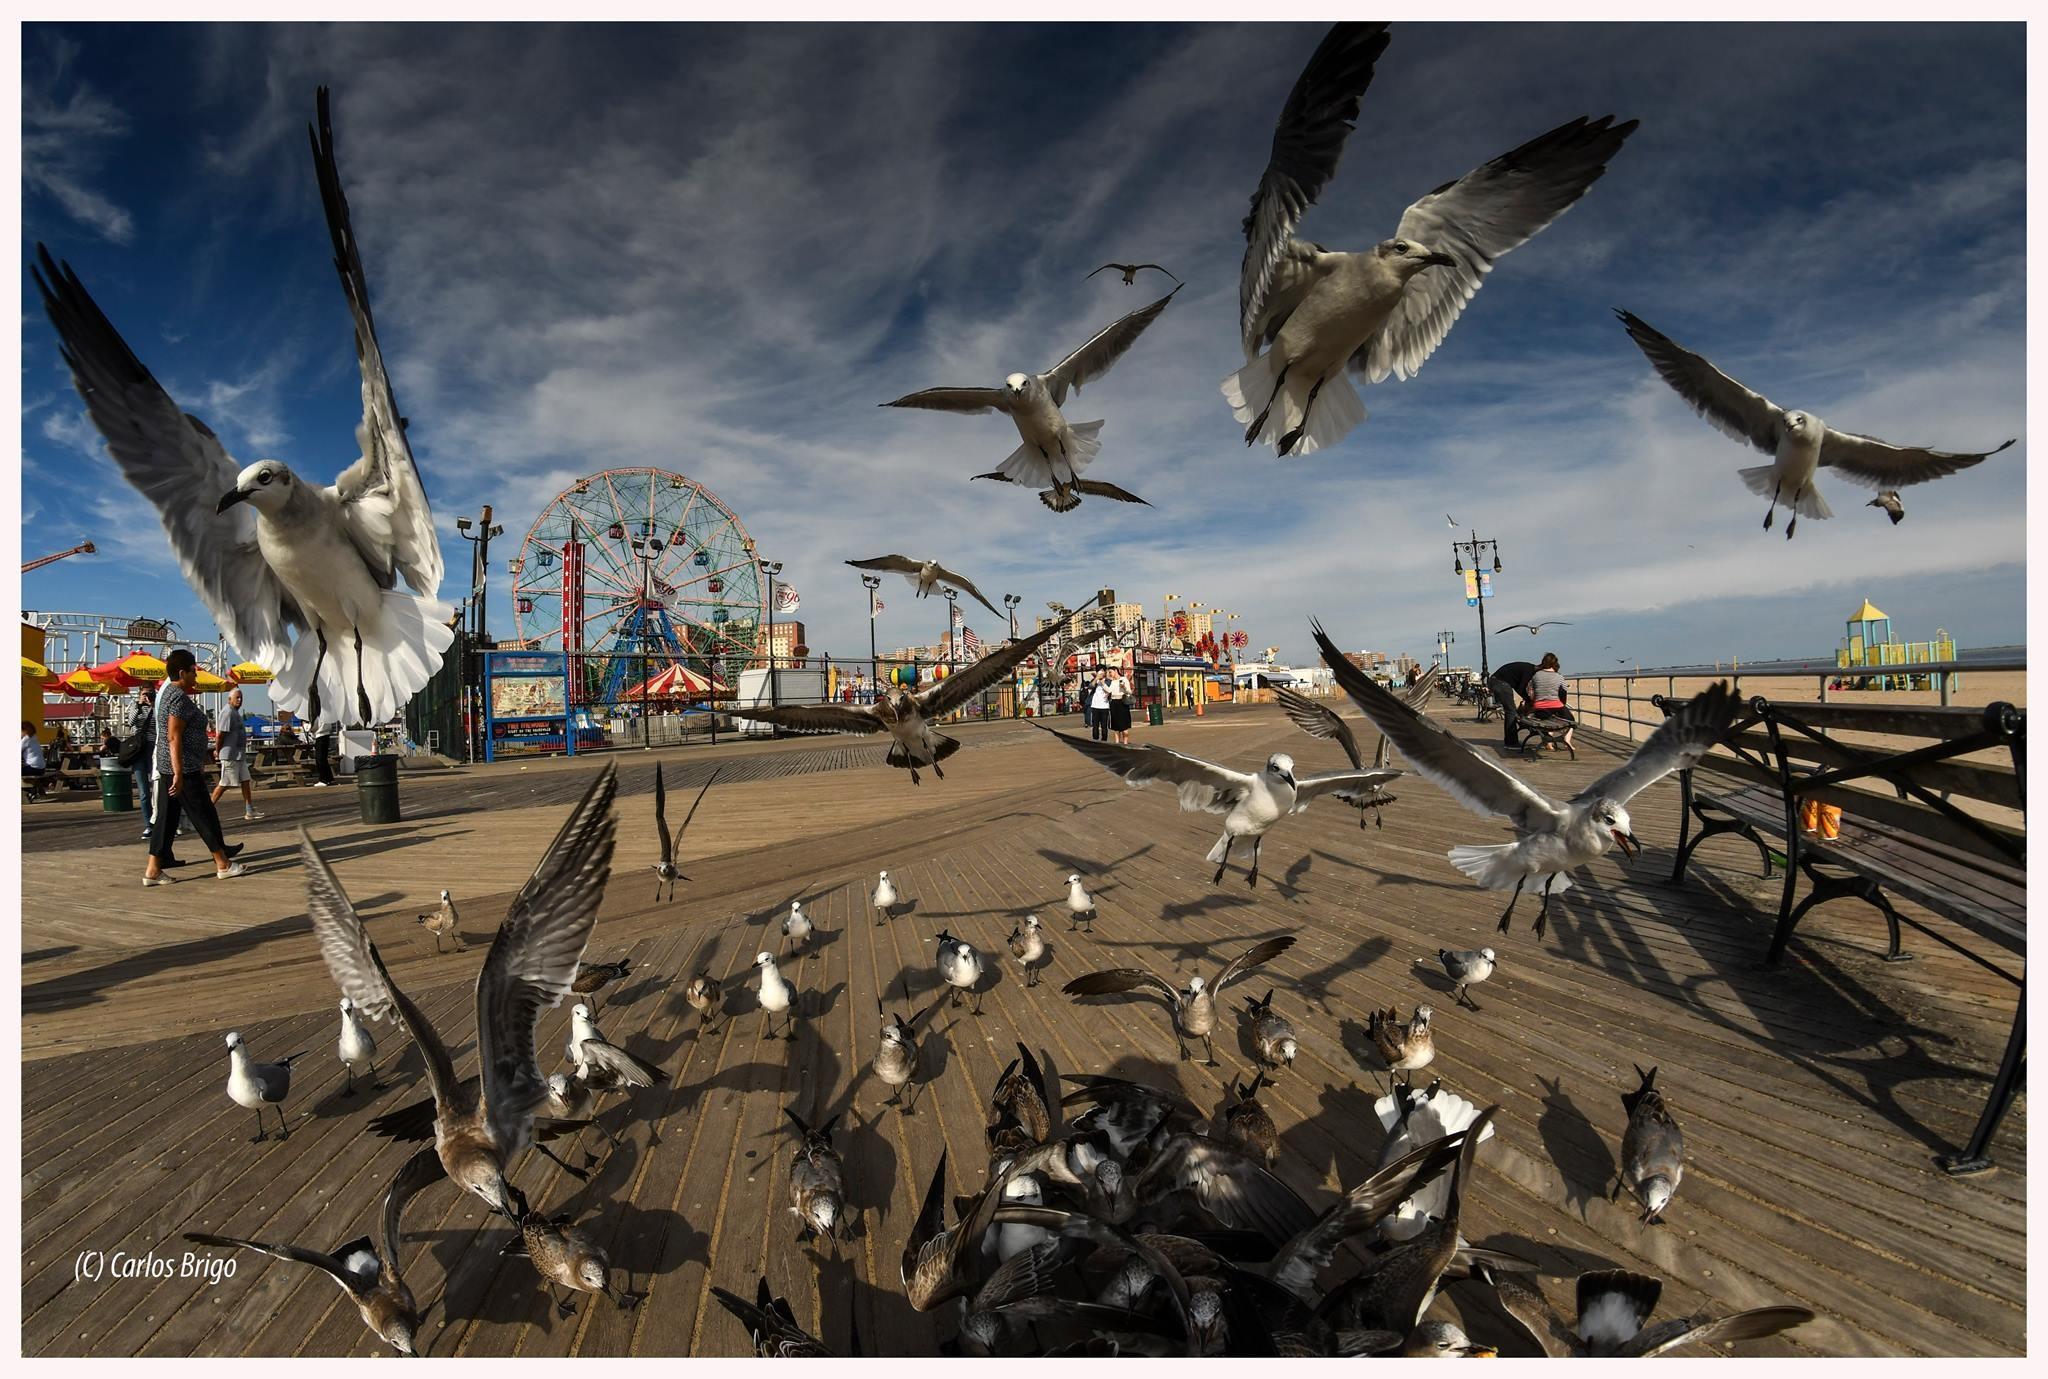 Gaviotas de Coney Island by Carlos Brigo